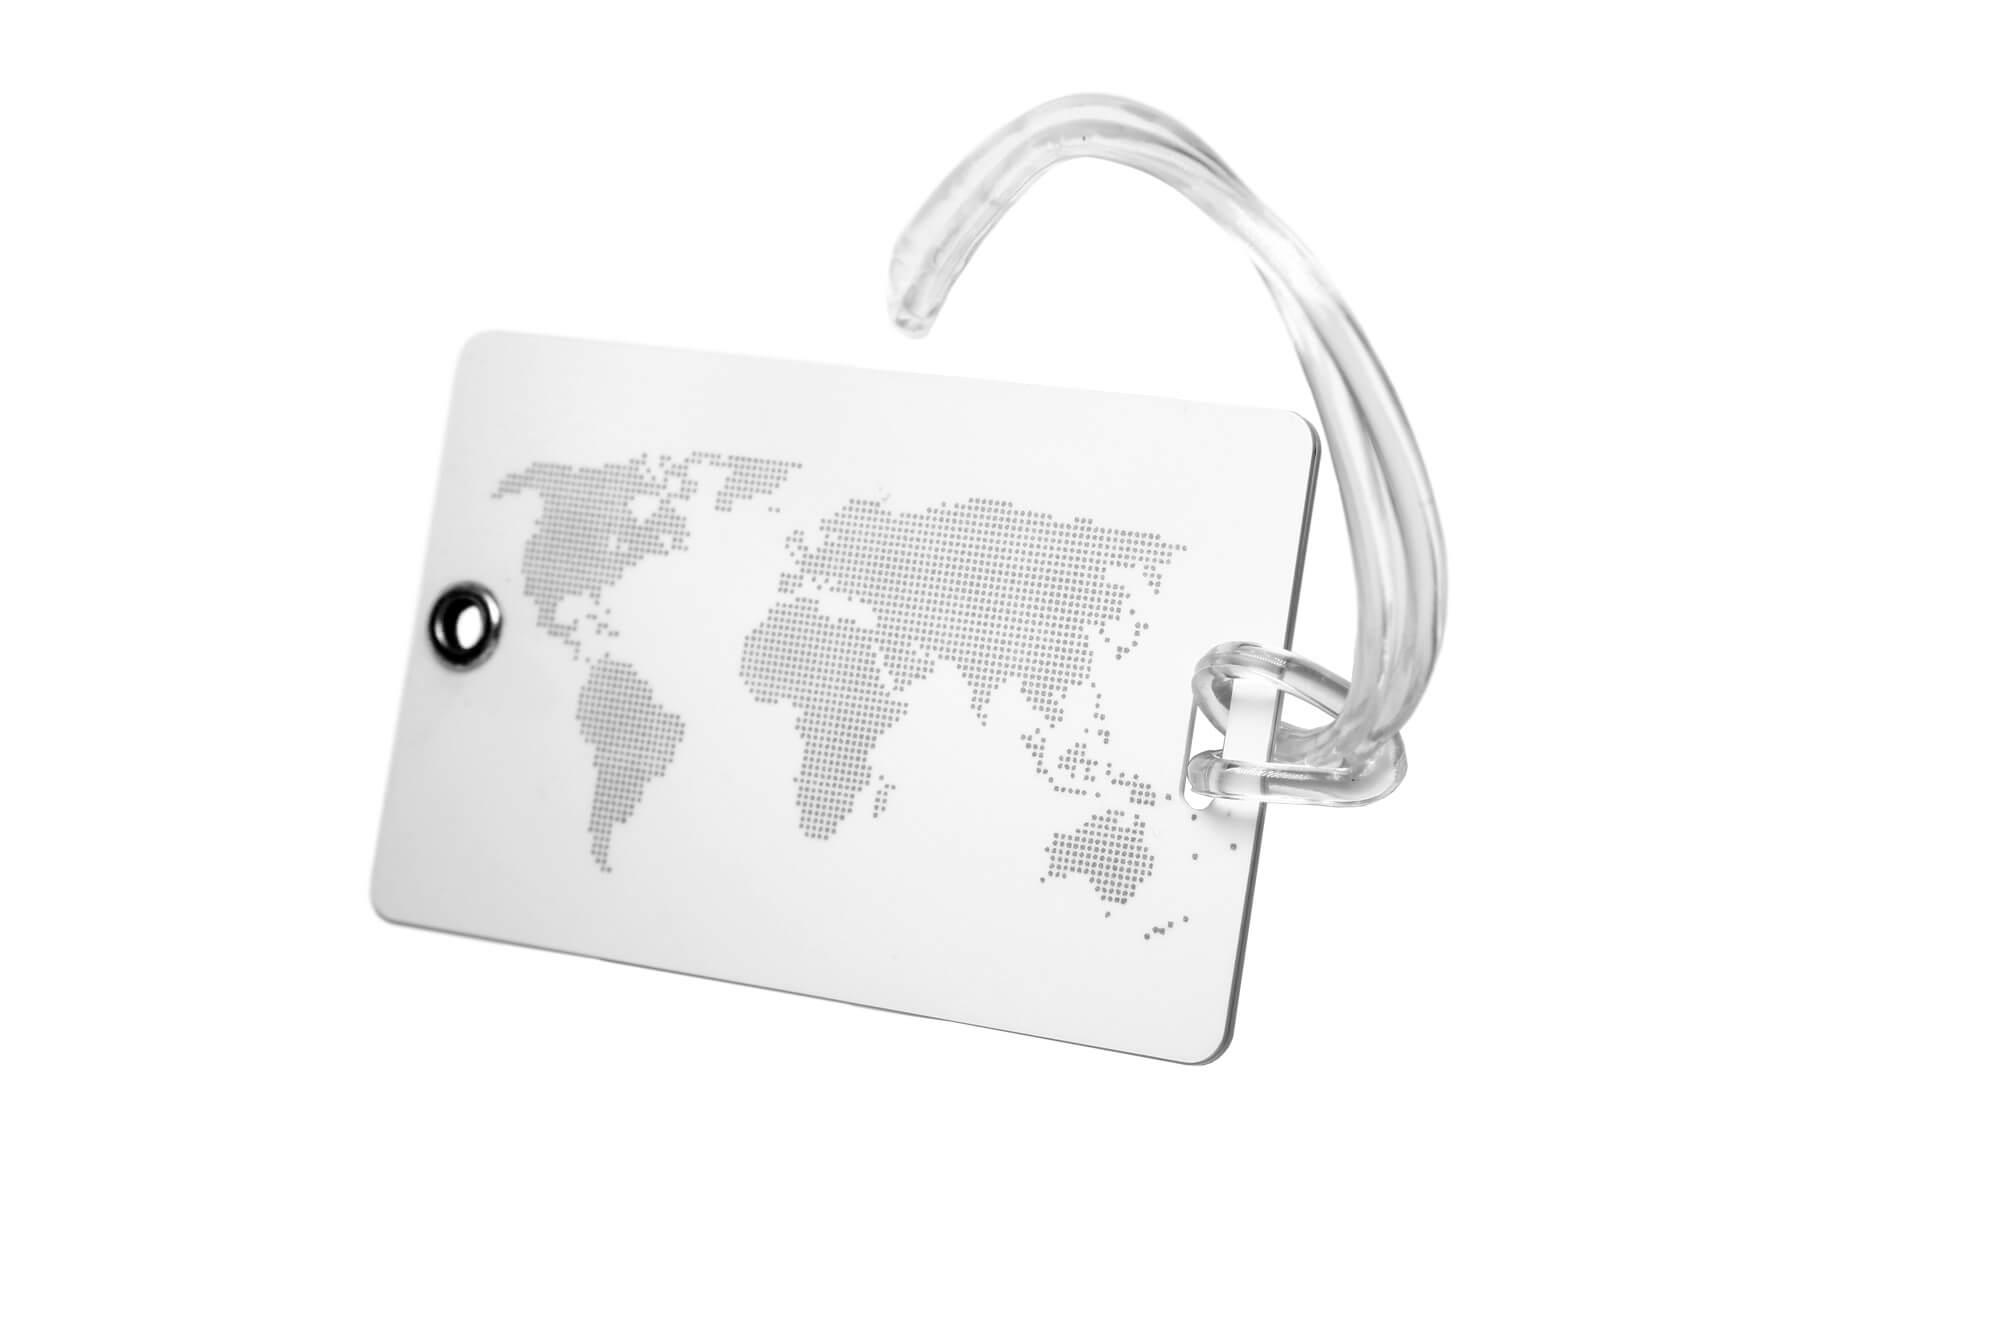 Kofferanhänger und Traveltags mit Weltkarte bedruckt mit Silikonbändchen